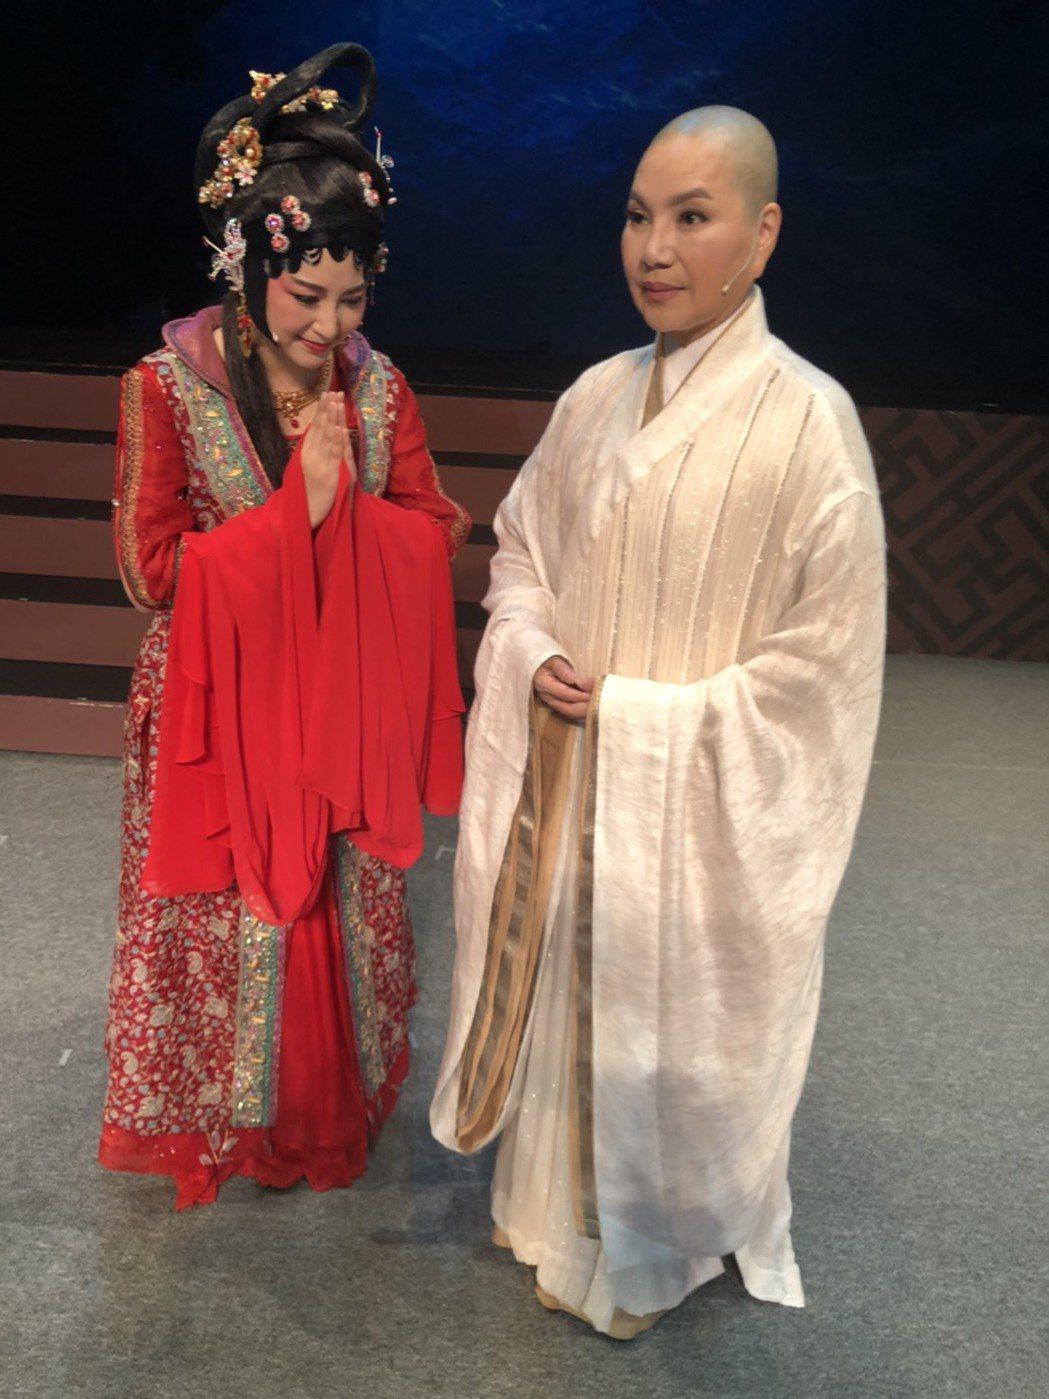 唐美雲、樓心潼演出歌仔戲「千年渡‧白蛇」。圖/民視提供